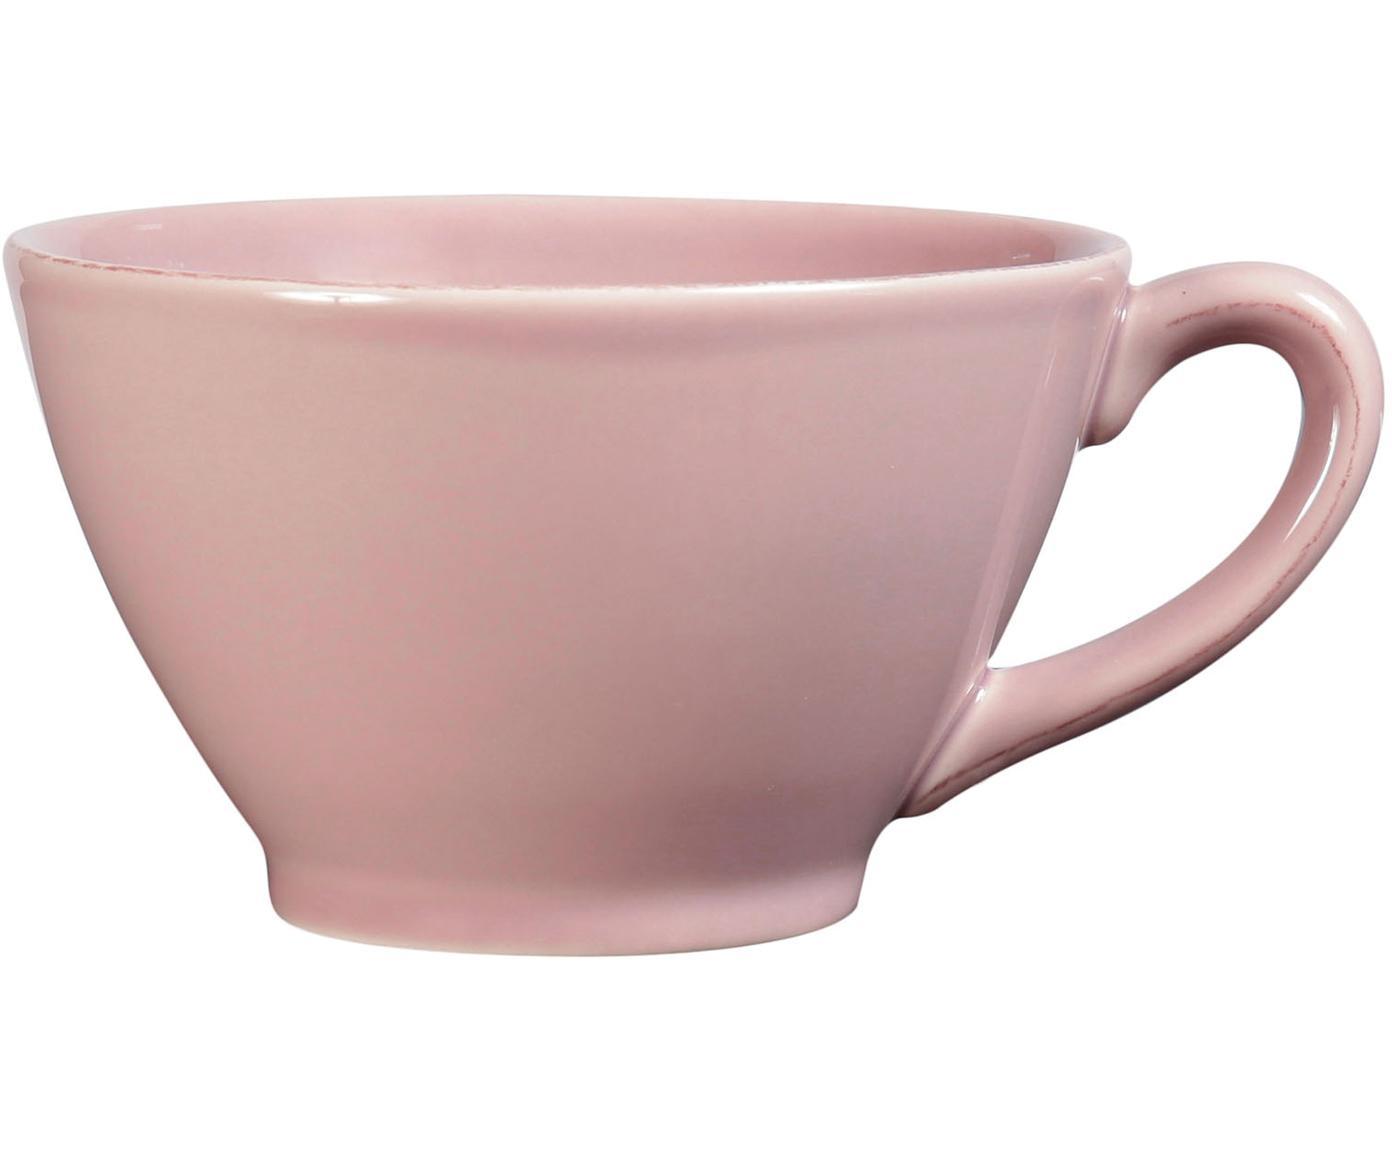 Tazza da te in rosa Constance, Ceramica, Rosa, Ø 18 x Alt. 9 cm